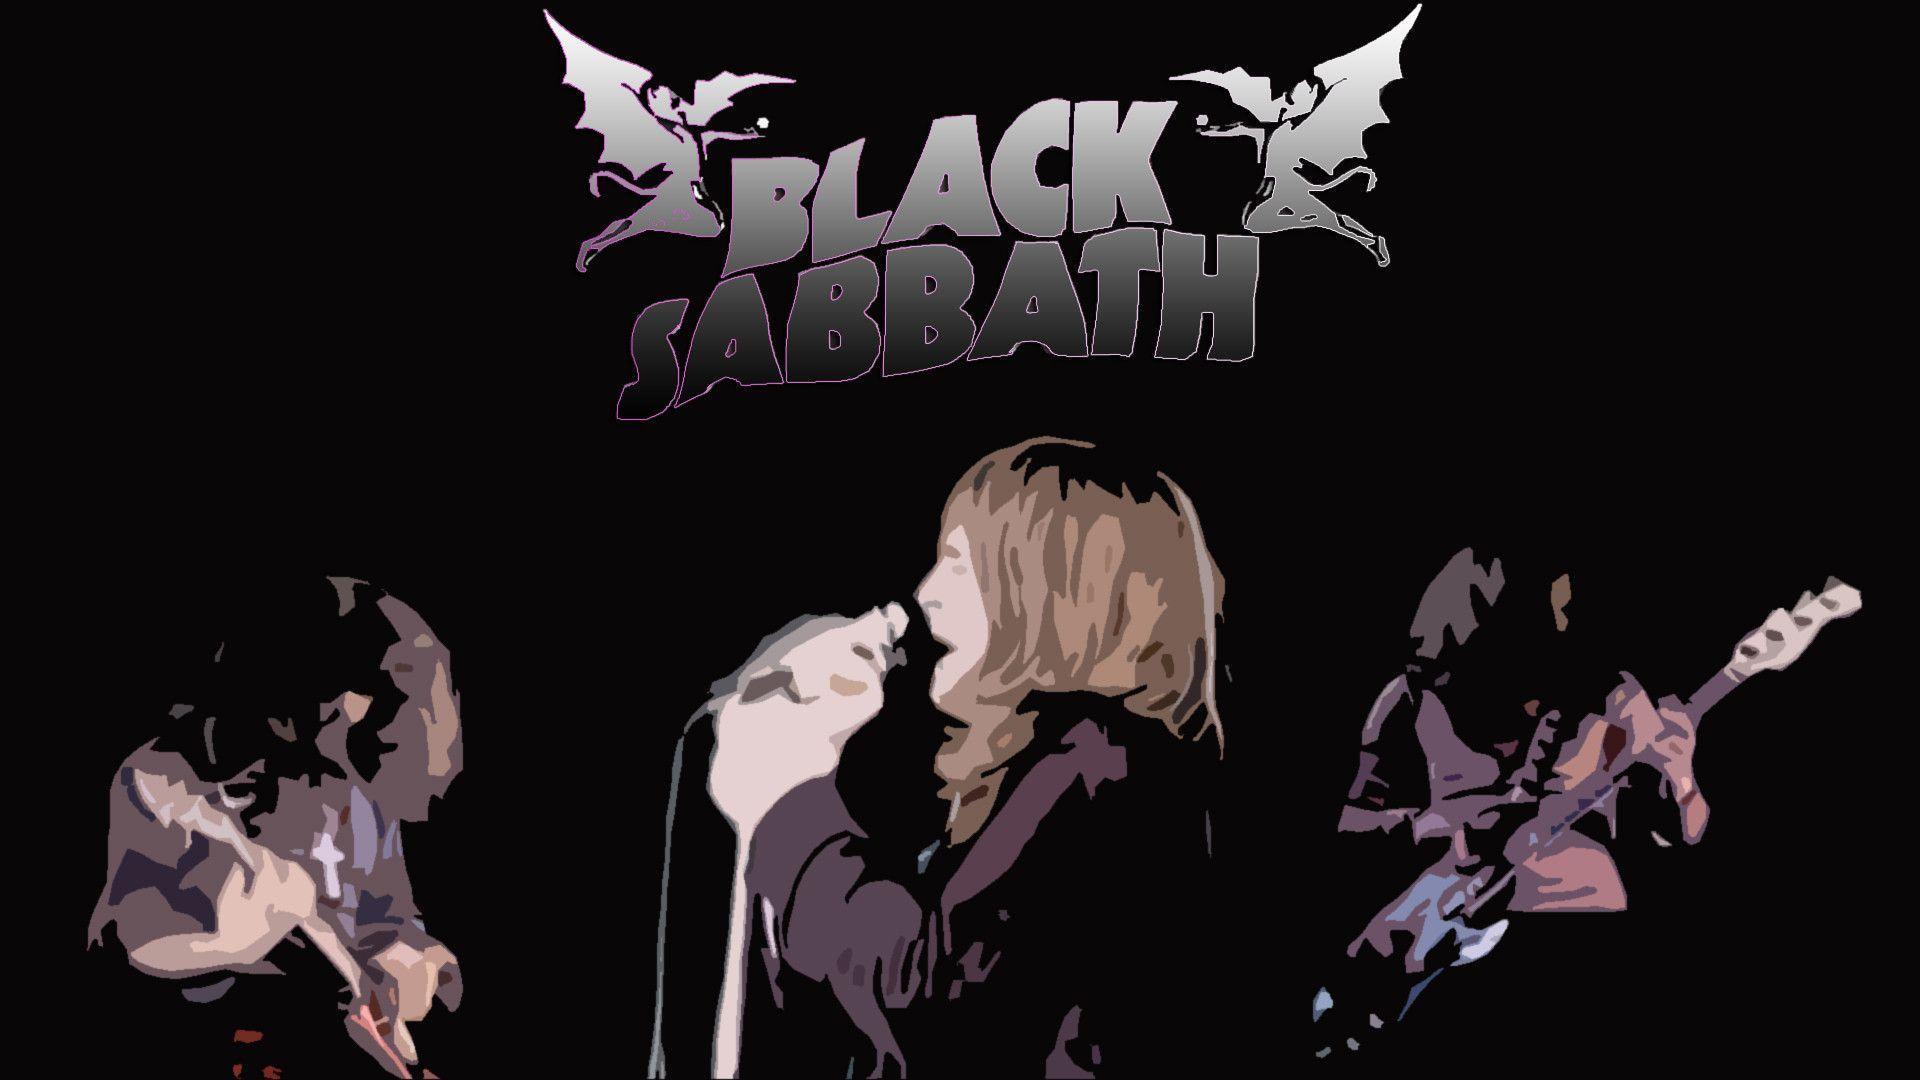 black sabbath wallpaper viewing gallery